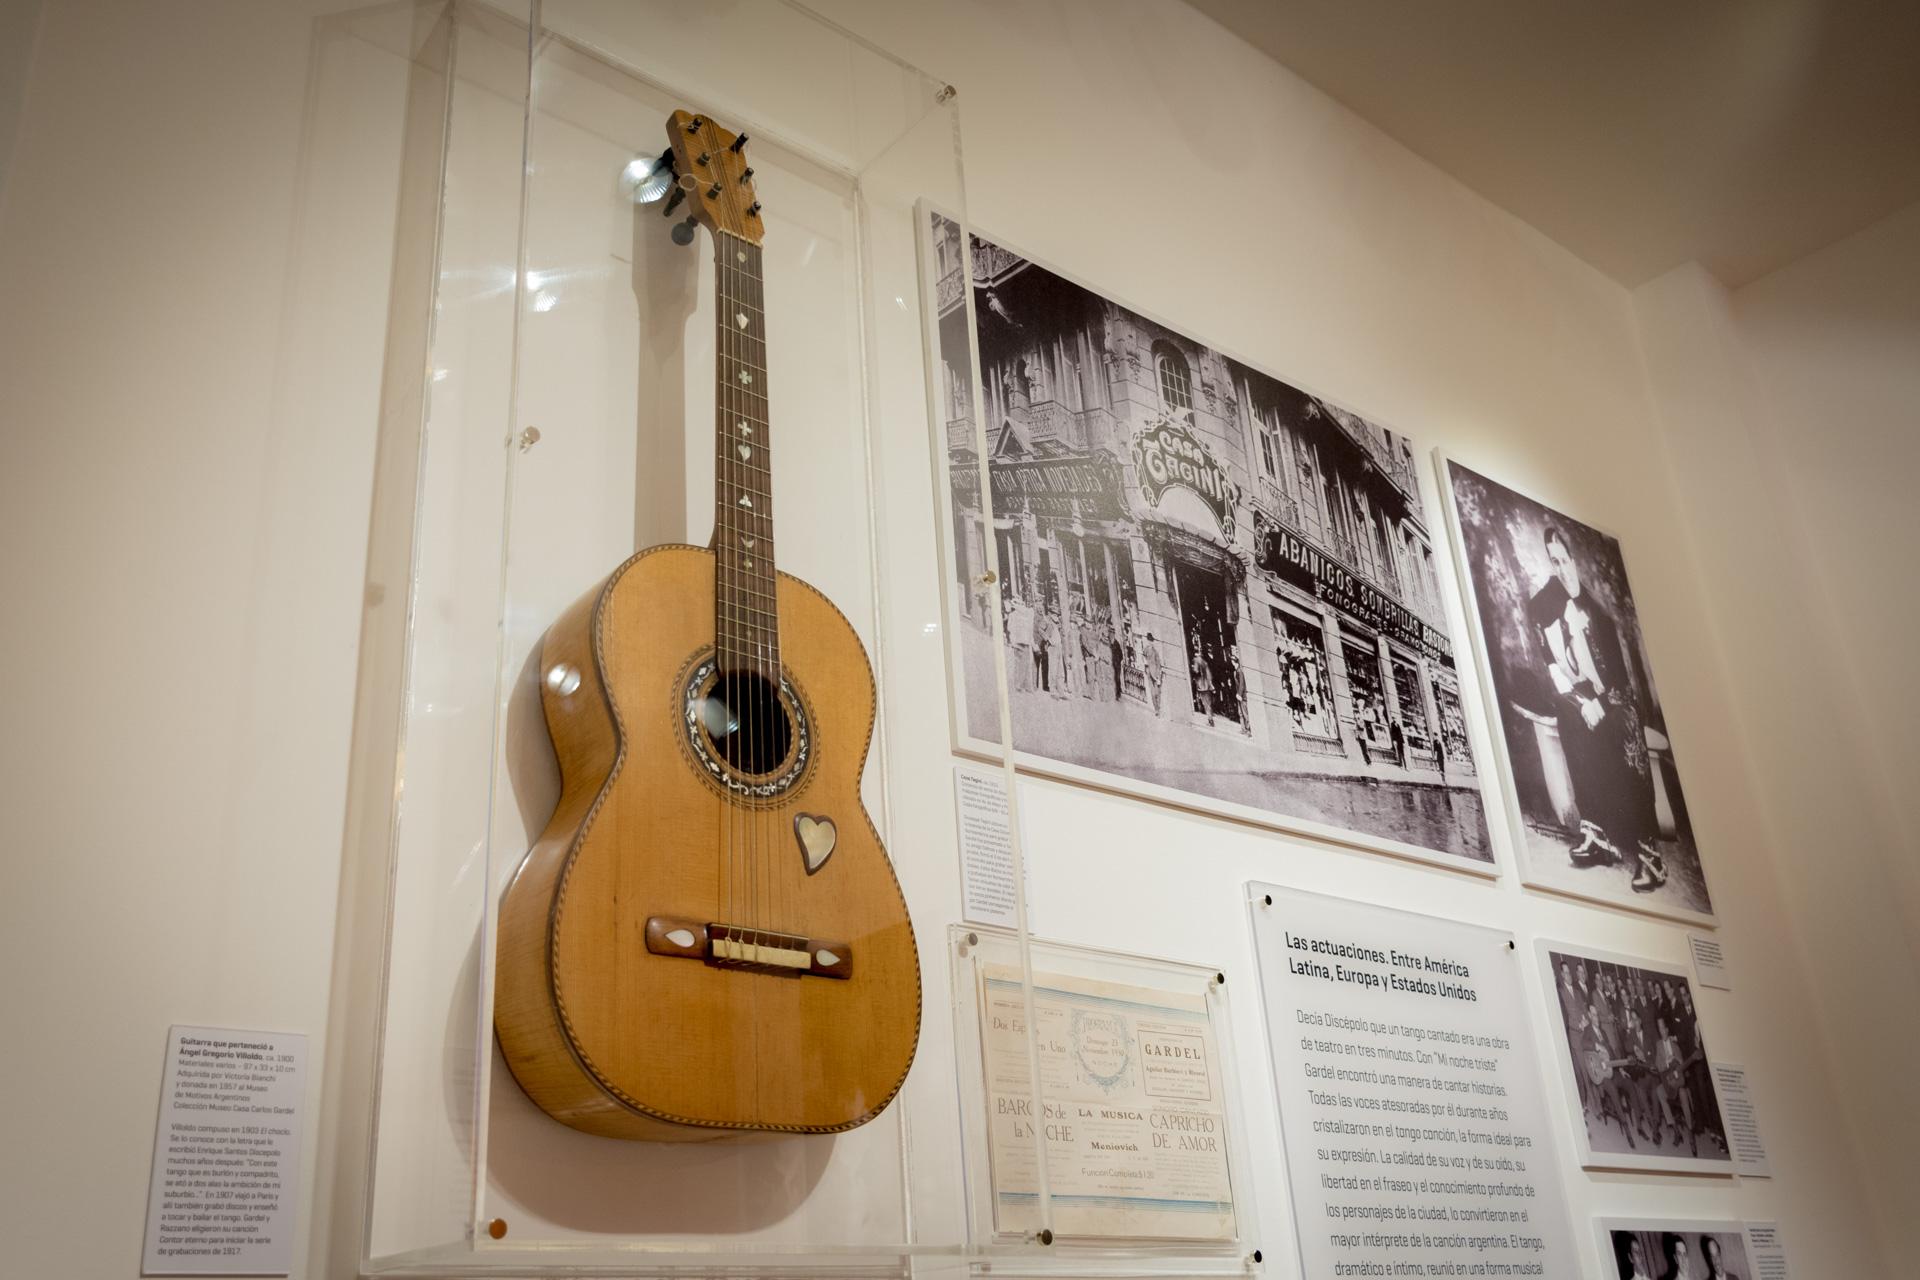 La guitarra fue el instrumento que lo acompañó en toda su carrera. (Martín Rosenzveig)